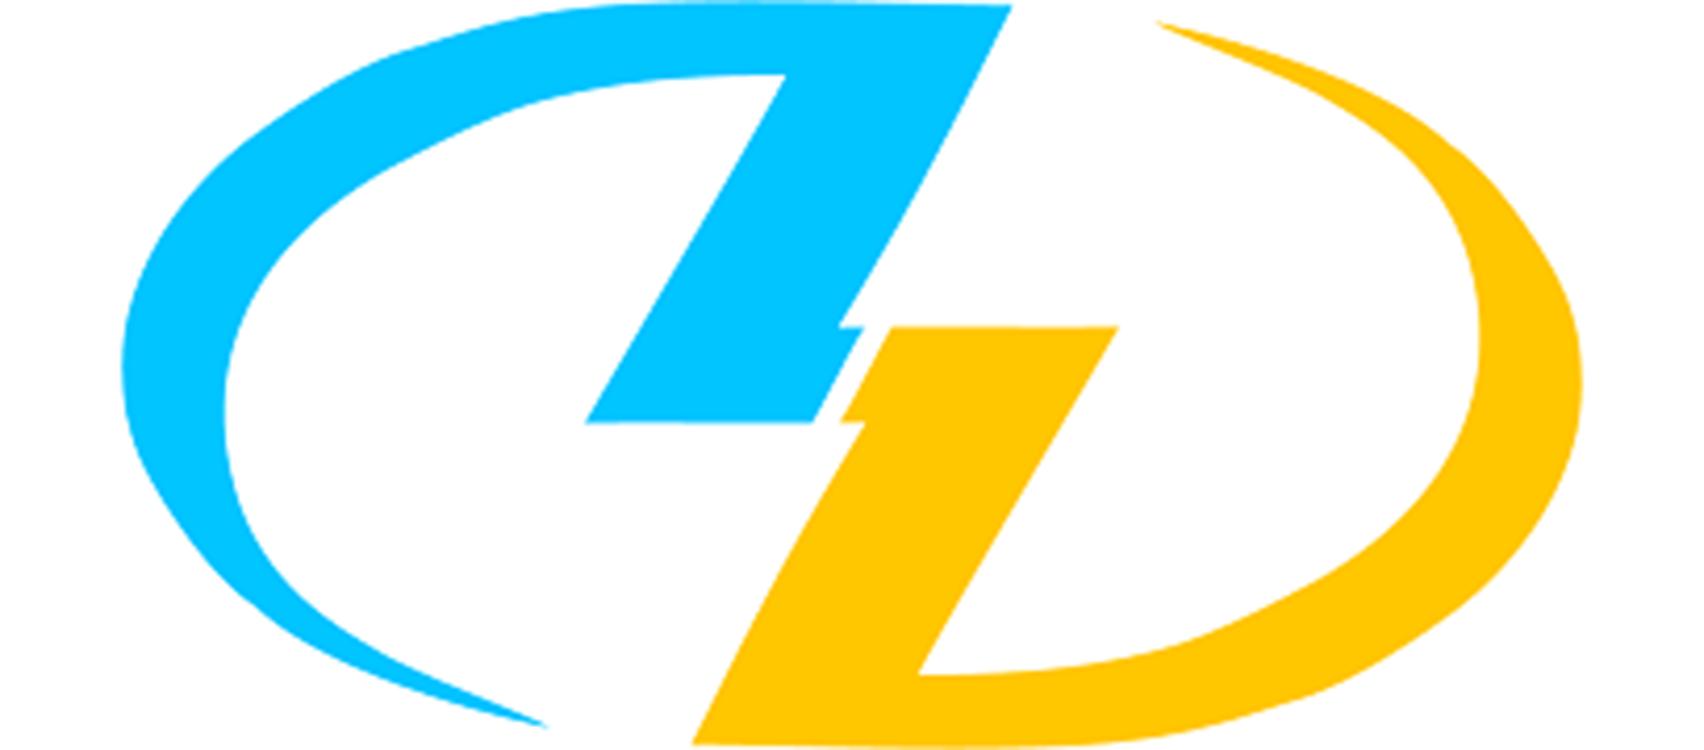 ПАТ «Запоріжжяобленерго» - Запорізький РЕМ (за послуги до 31.12.2018)